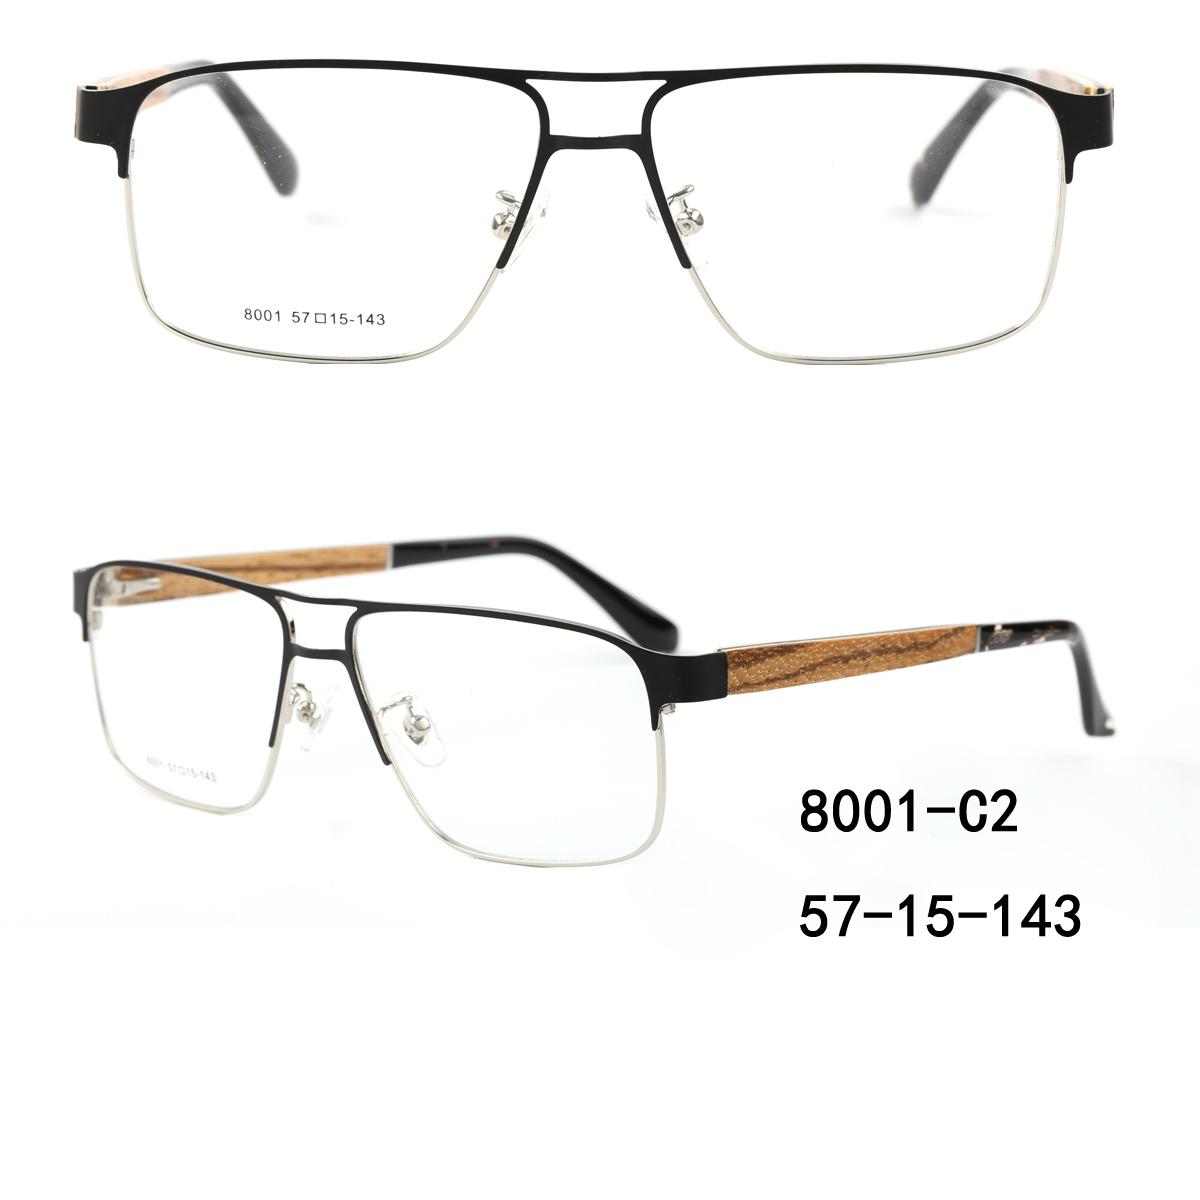 Metal Optical Glasses Frame Oem Odm Supply For Men Women China Manufacturer